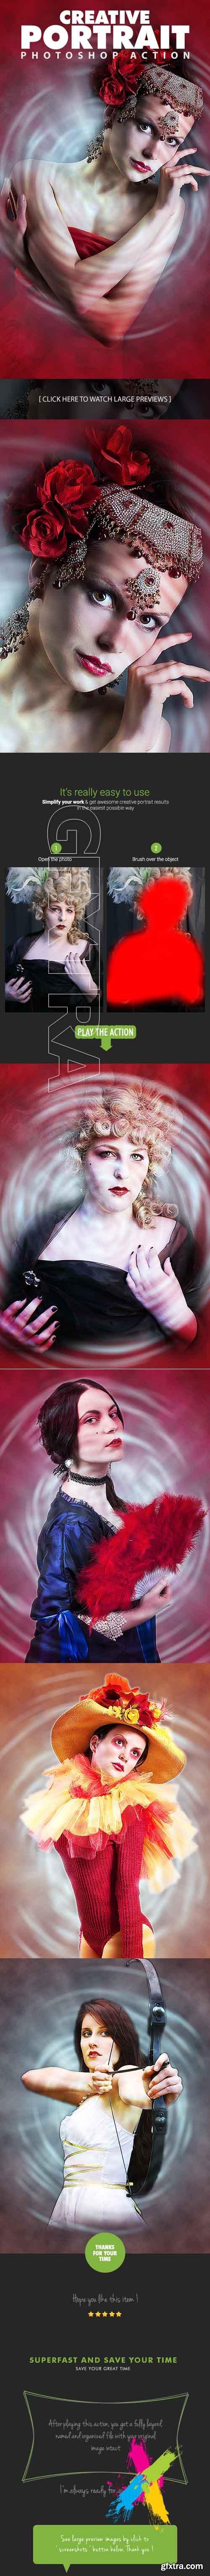 GraphicRiver - Creative Portrait Photoshop Action 20461594